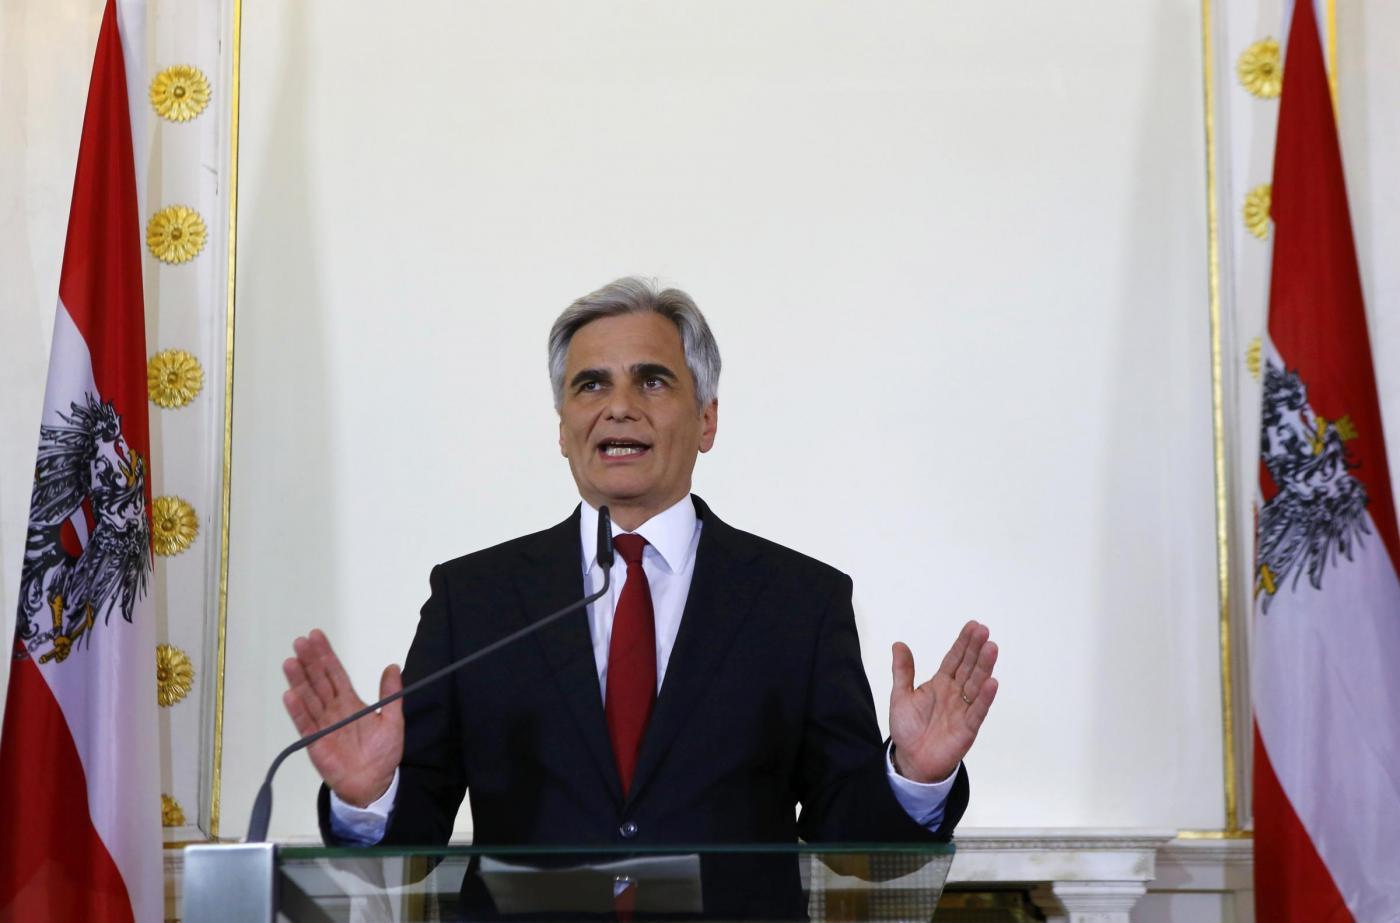 Vienna, dopo la sconfitta elettorale si dimette il cancelliere Faymann